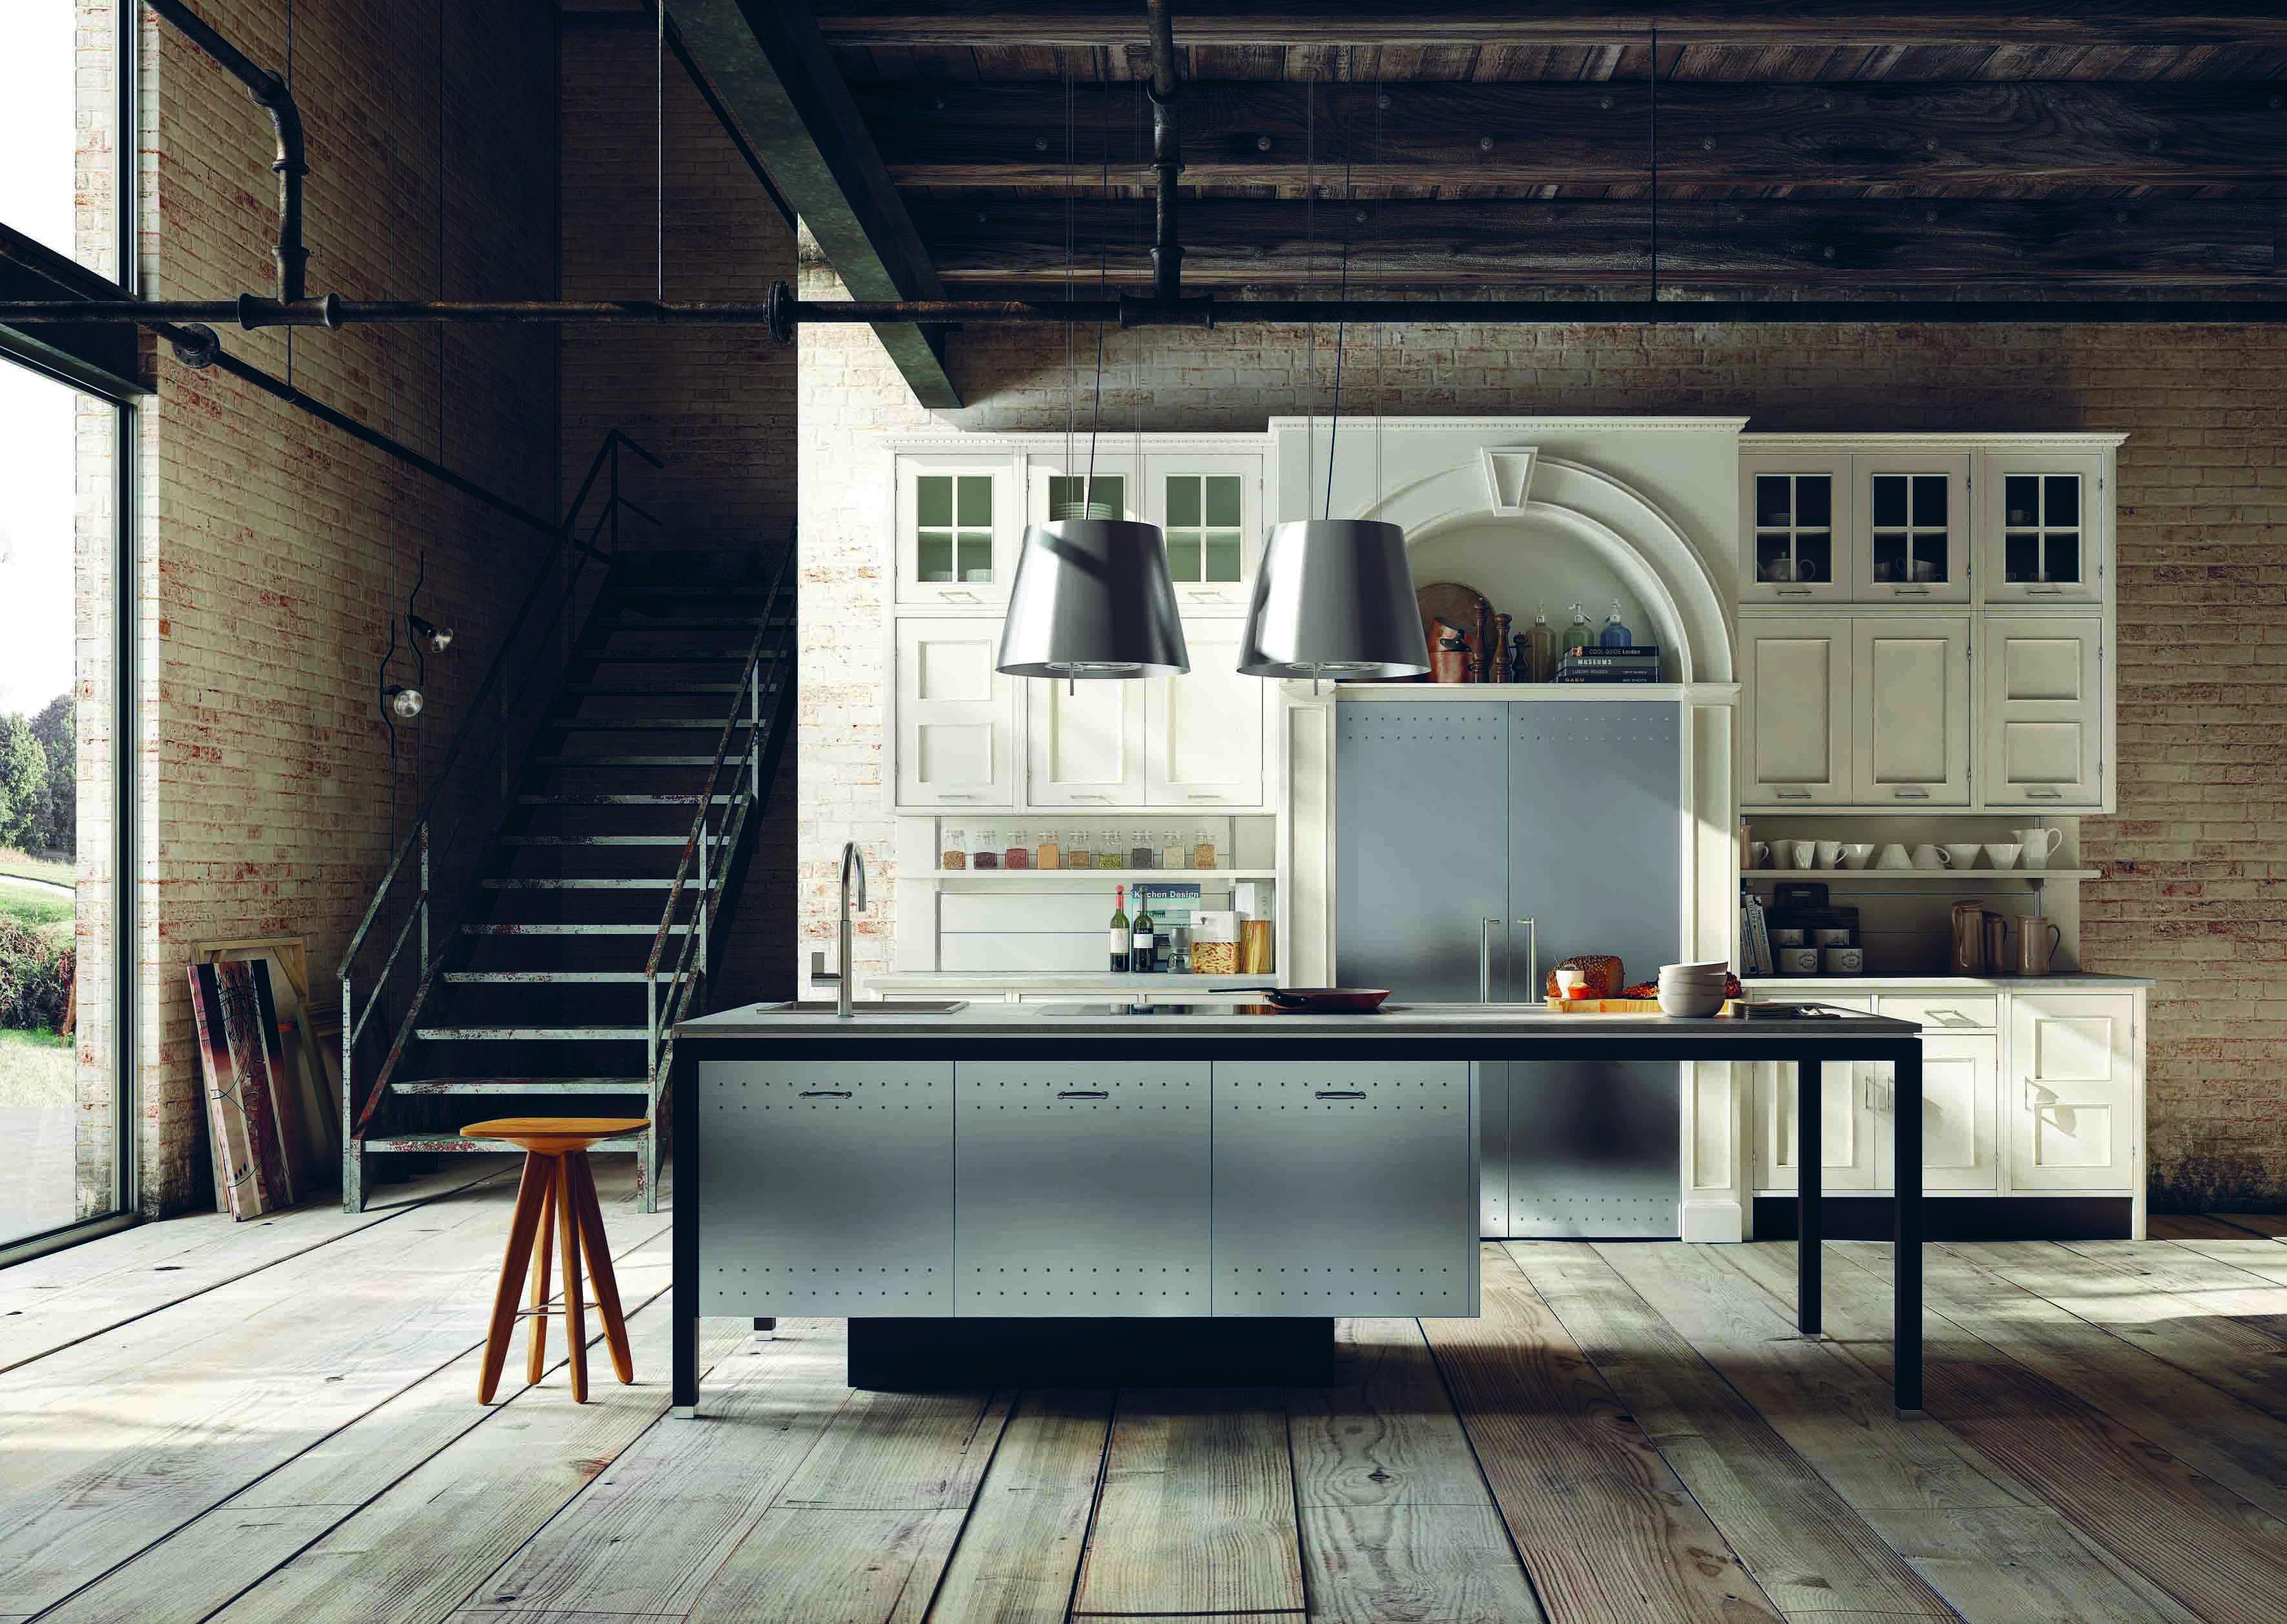 40 anni di cucine interni magazine - Cucine anni 40 ...